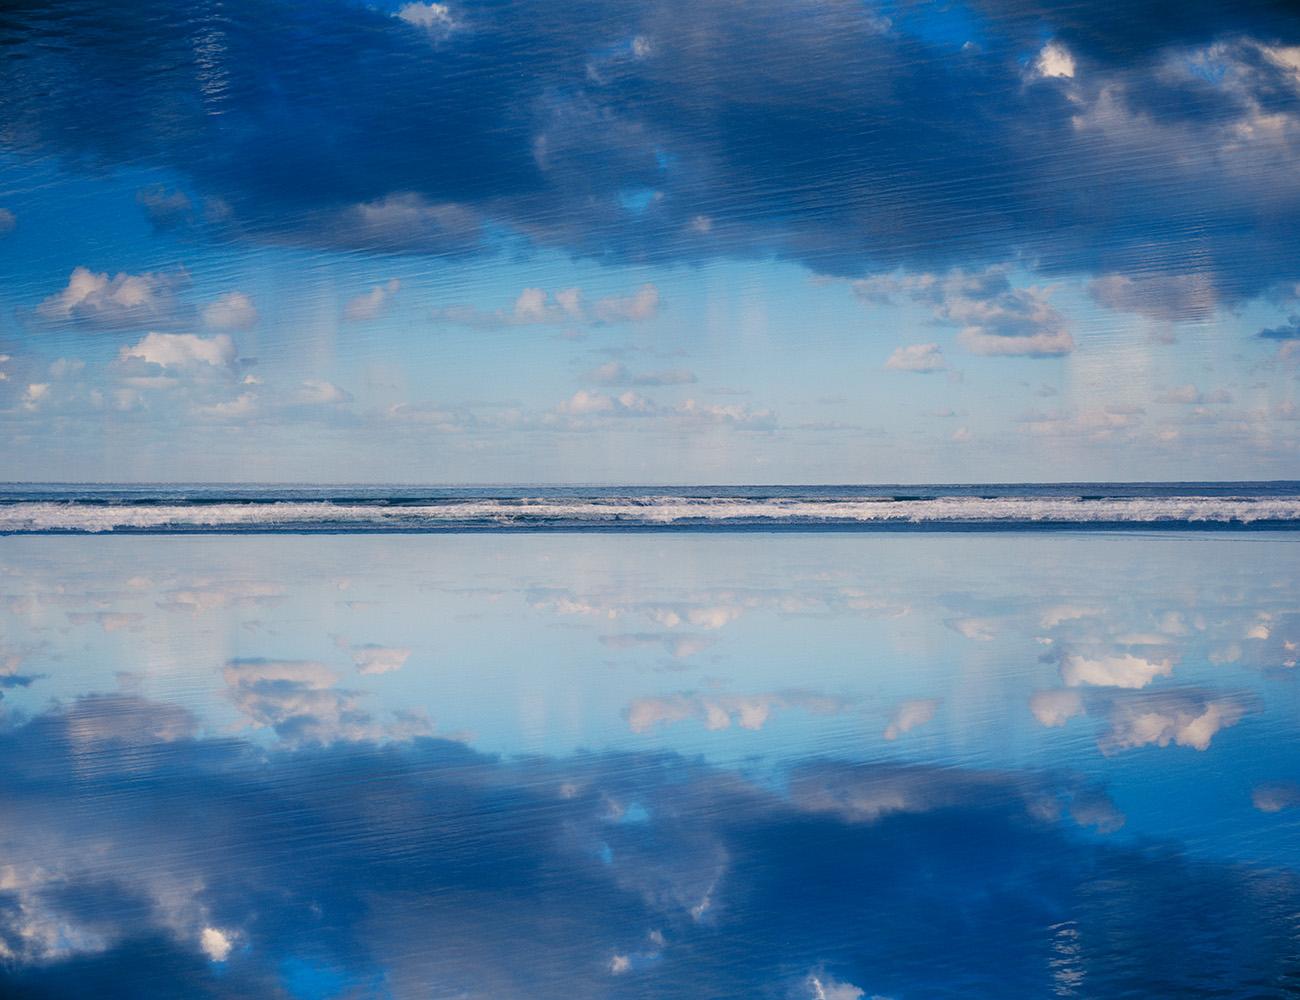 Cuando el océano sueña - FERNANDO PUCHE,  NATURE  PHOTOGRAPHY  BEYOND  OBVIOUS